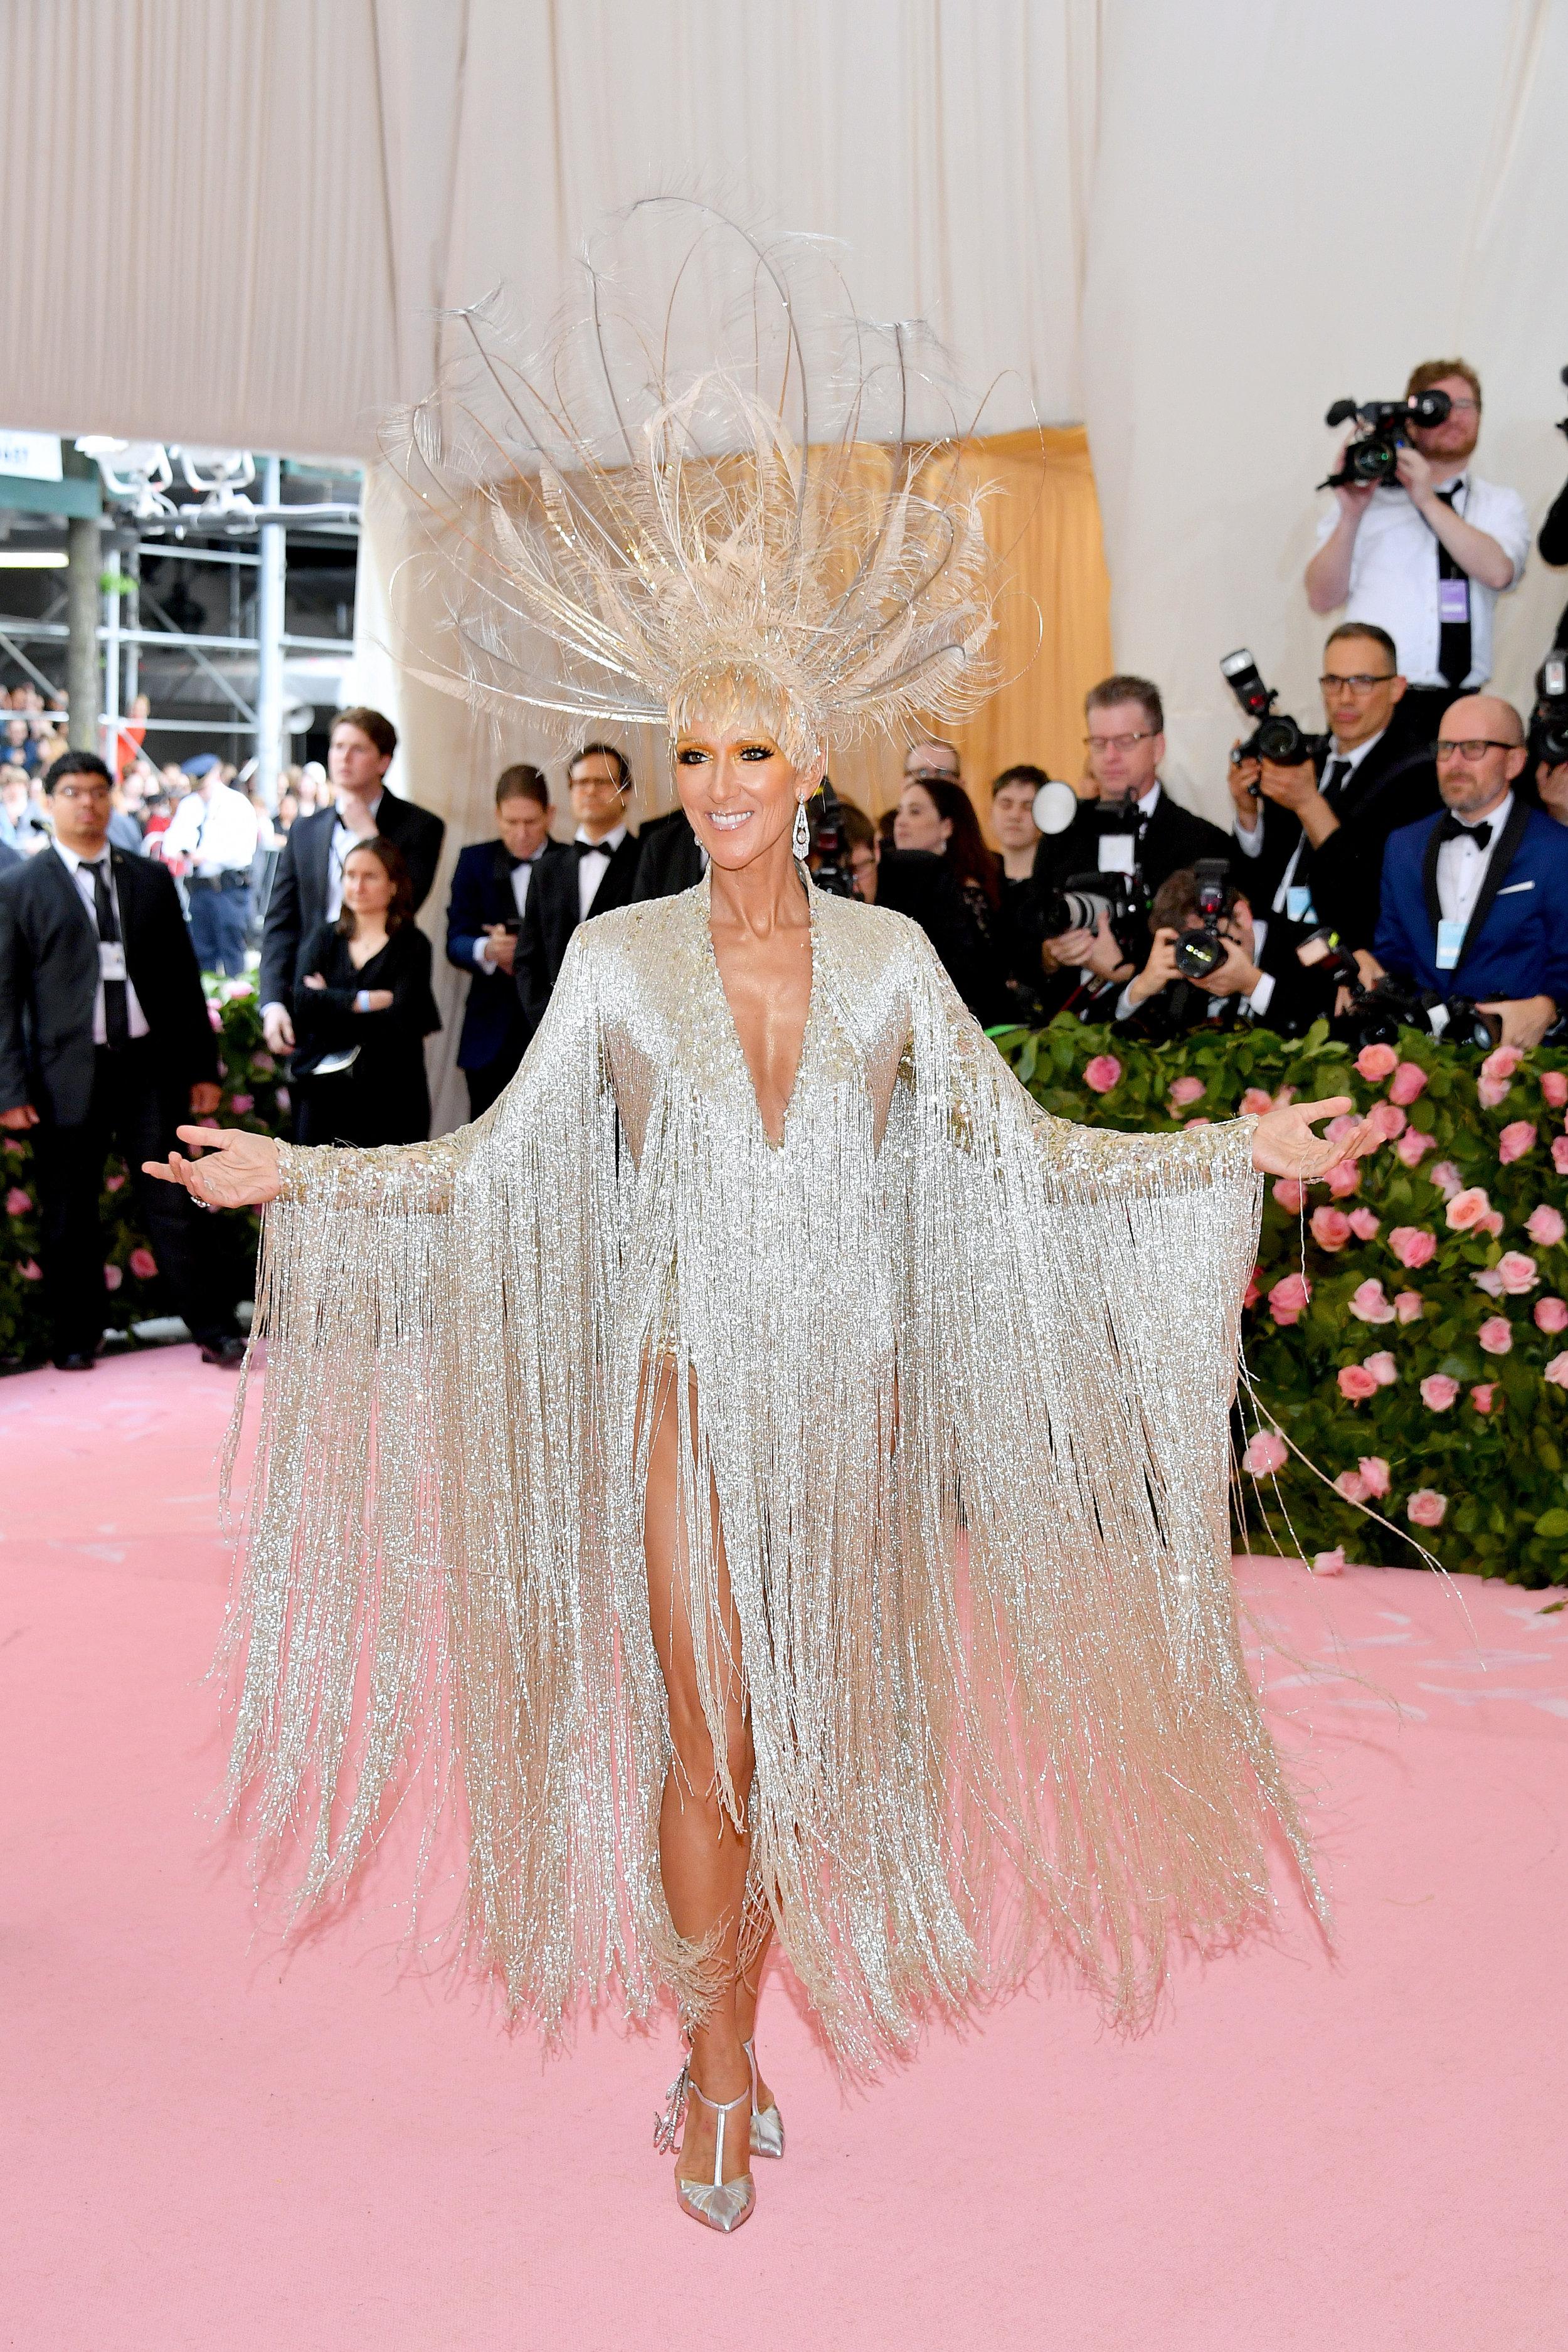 Celine Dion in Oscar de la Renta